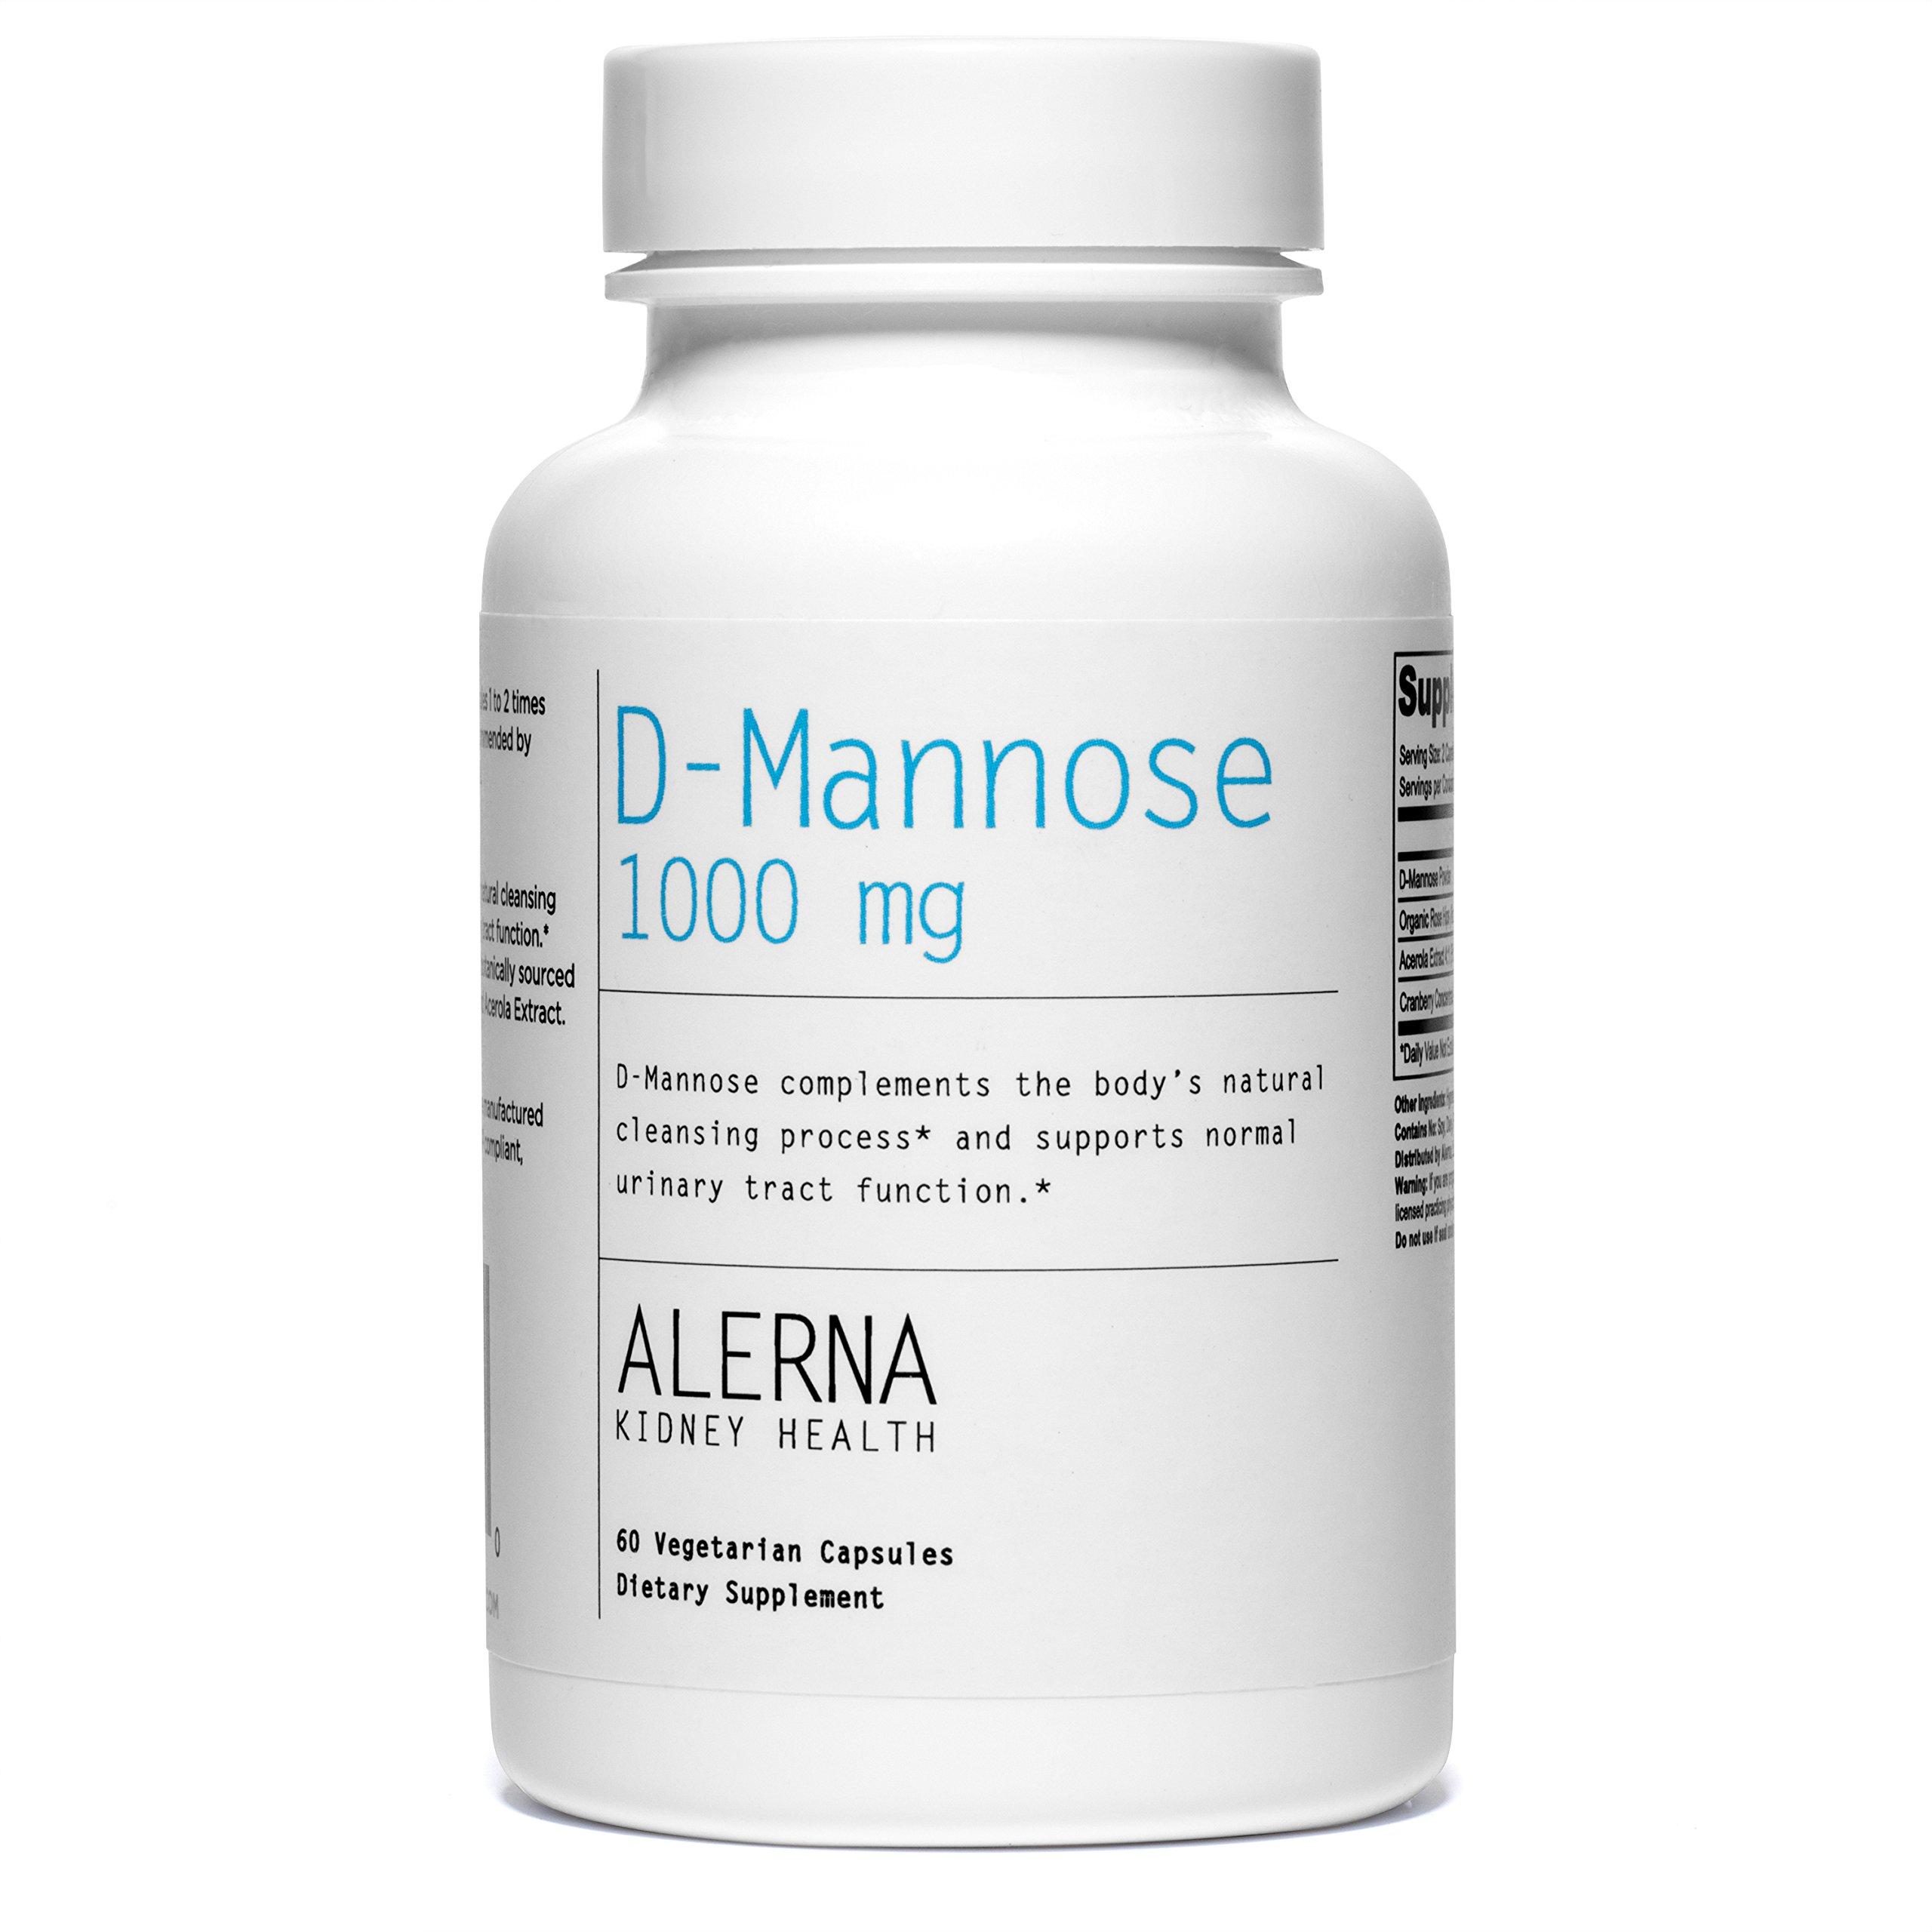 Alerna: D-Mannose 1000mg (1 Bottle)